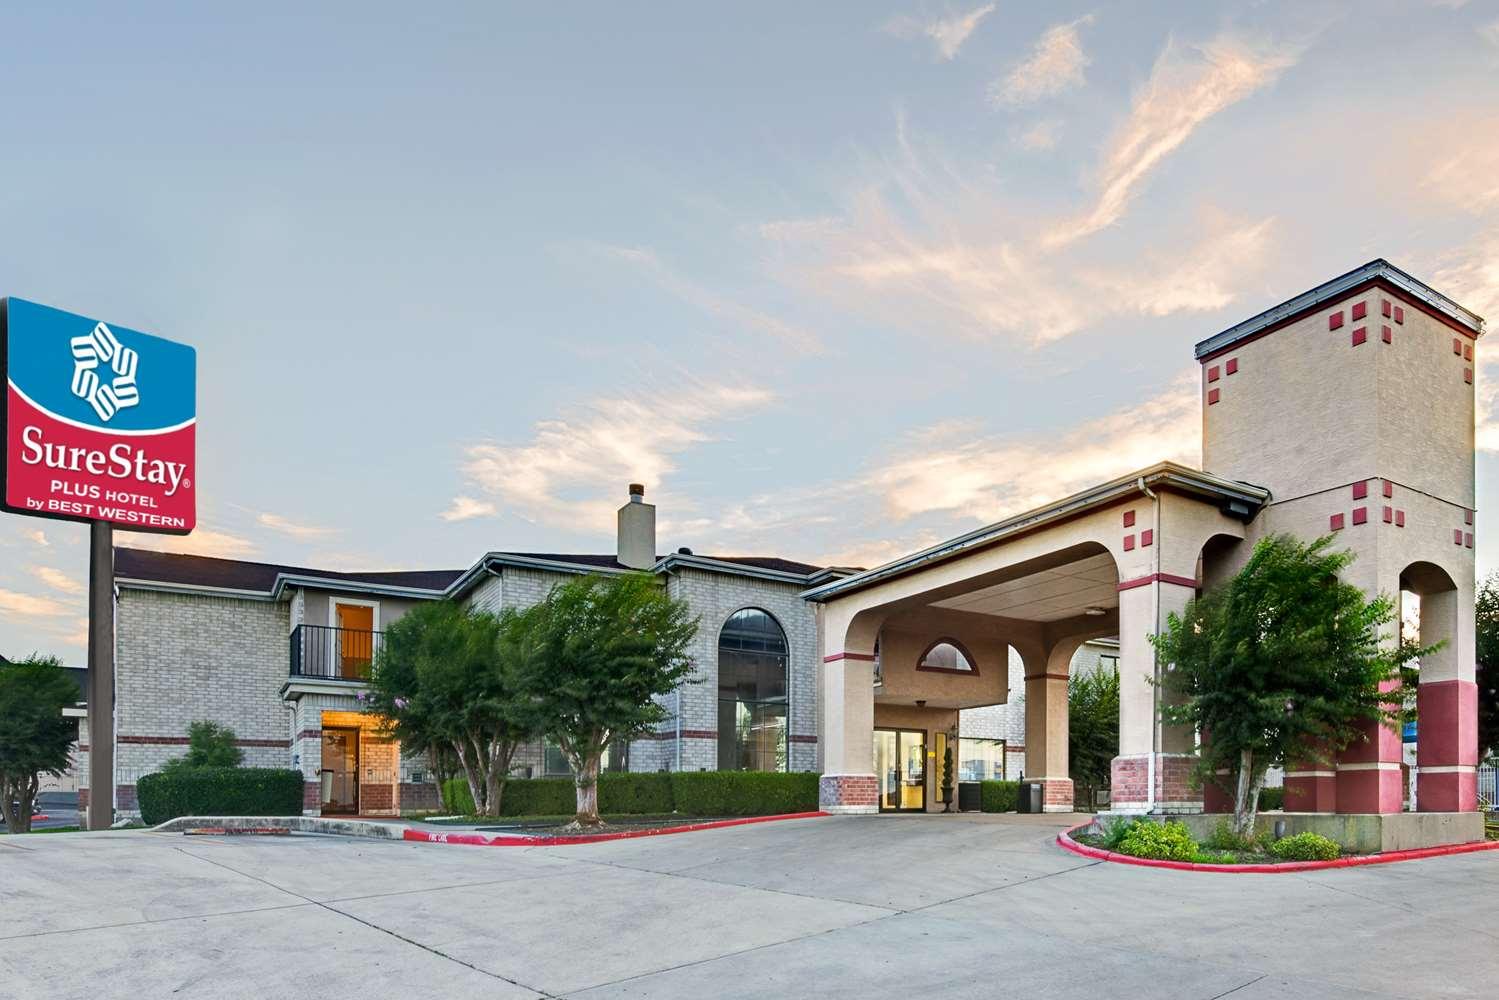 Surestay Plus Hotel By Best Western San Antonio Tx See